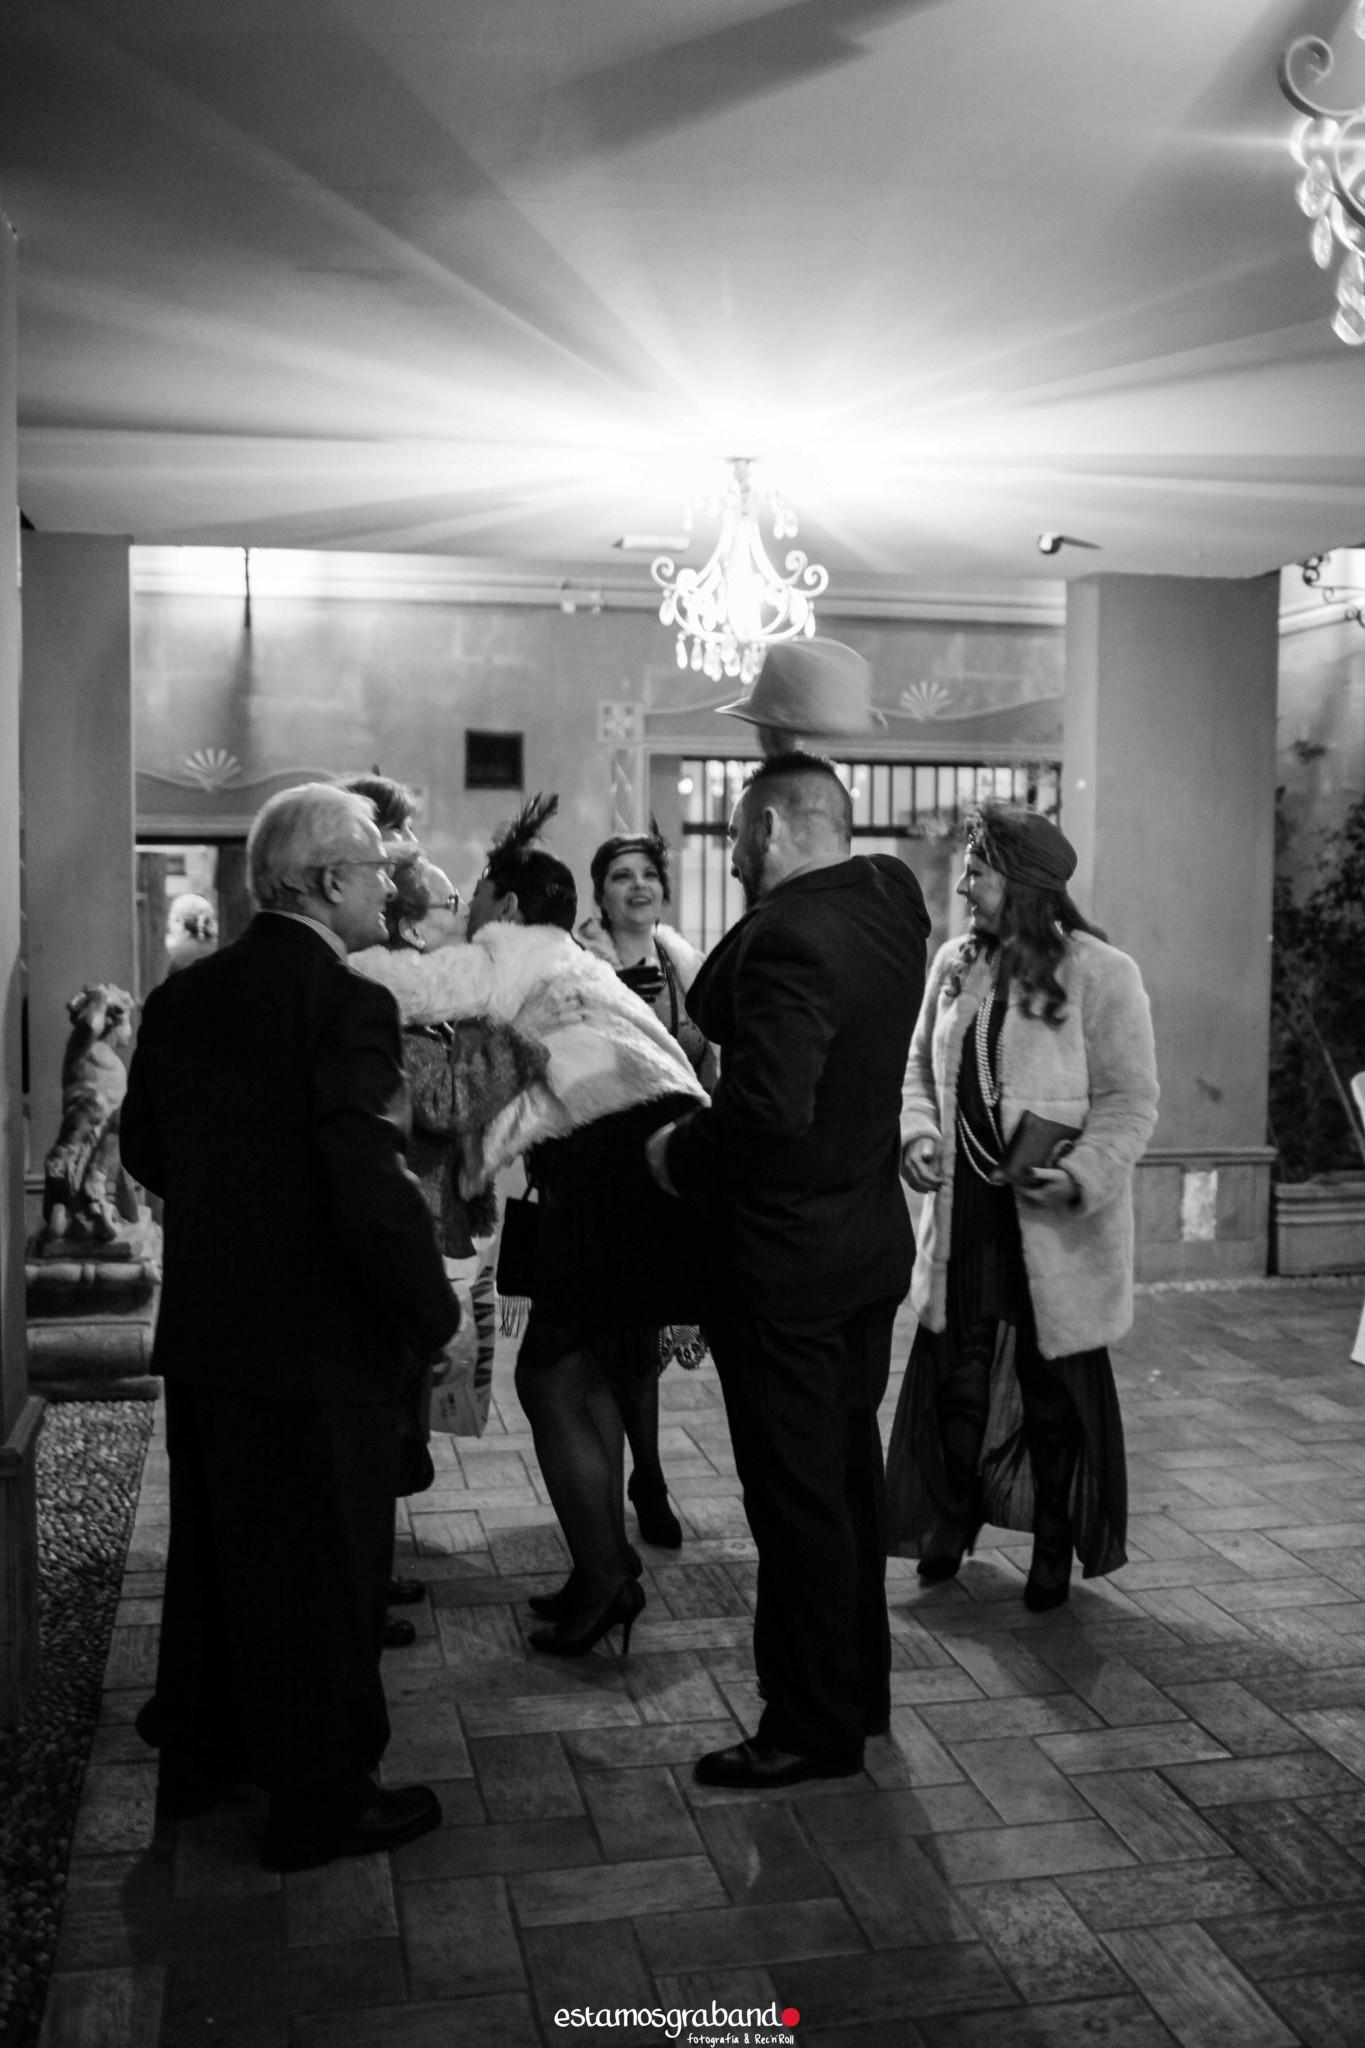 Fali-Bea-19-de-78 Fiesta Años 20 [La Teta de Julieta, Cádiz] - video boda cadiz